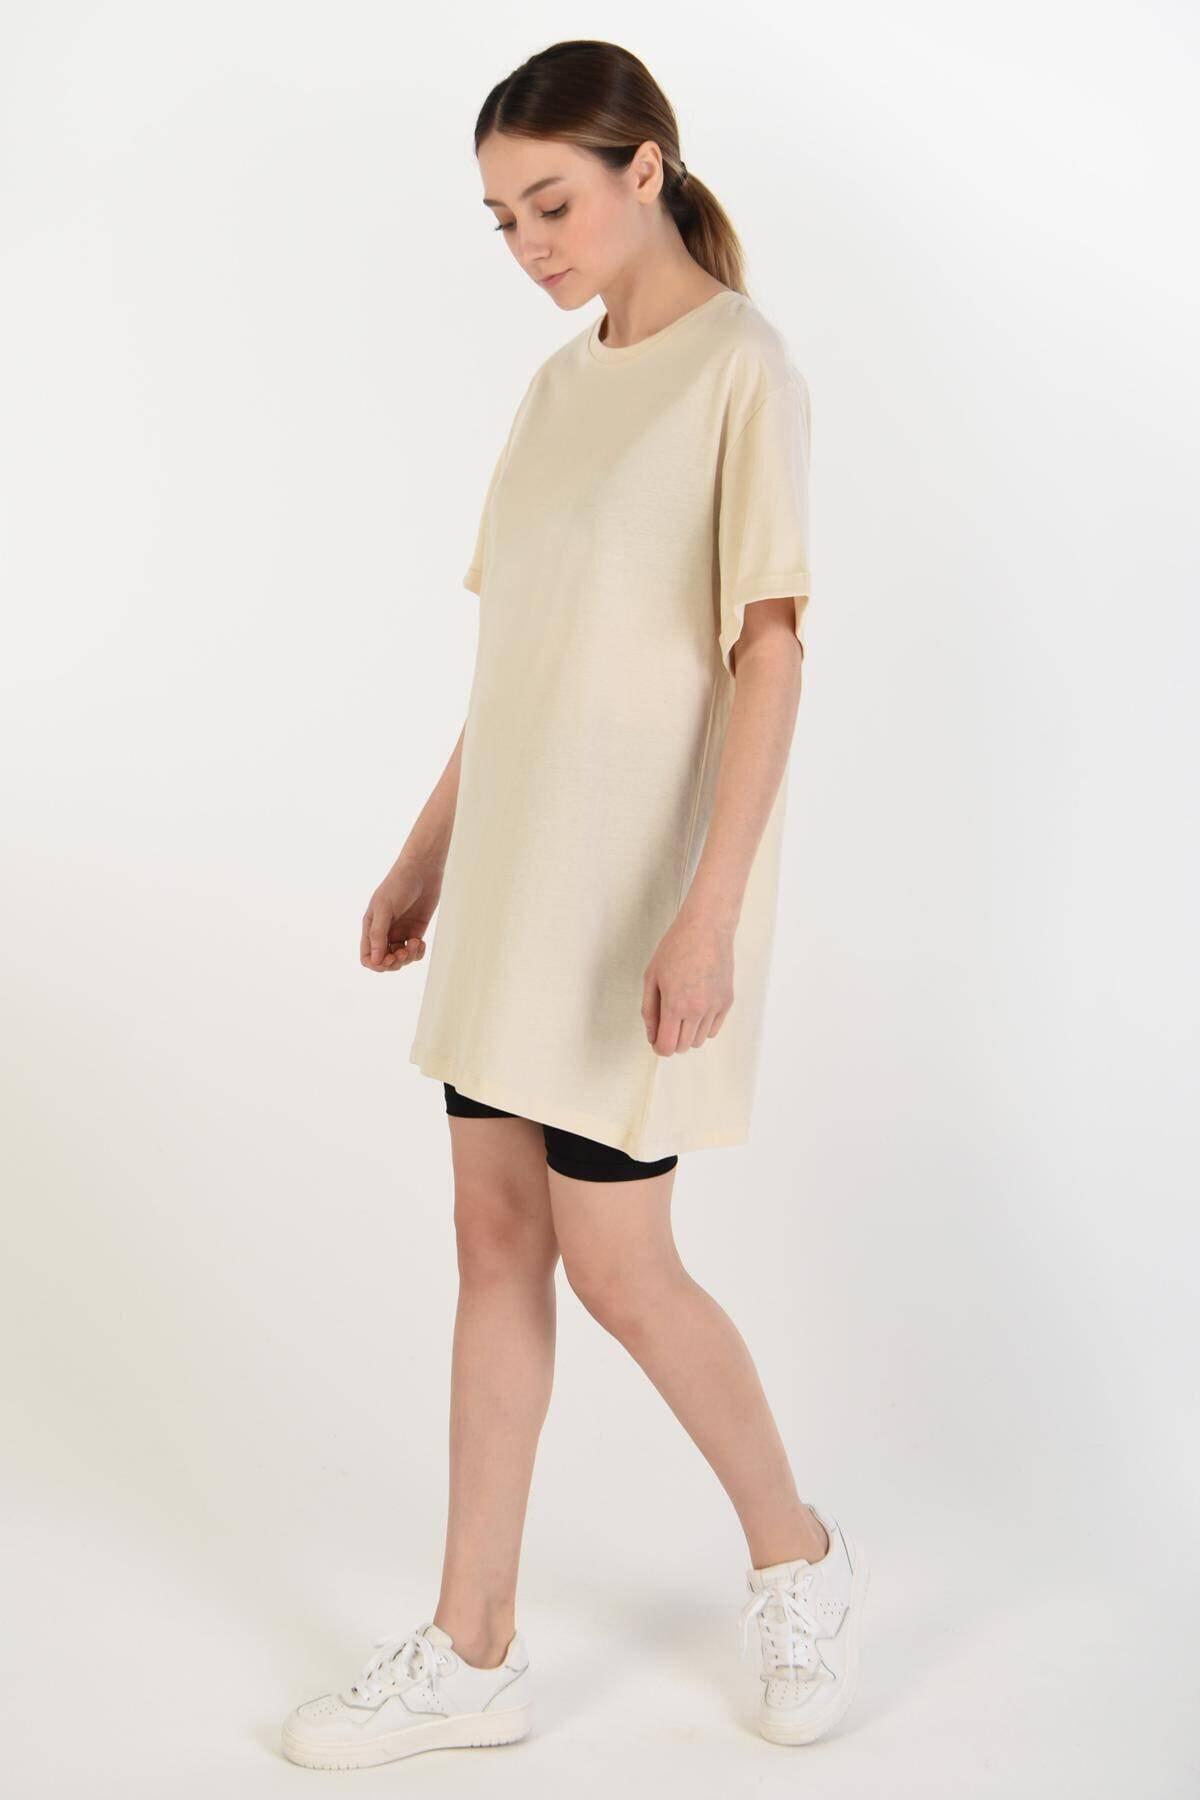 Addax Kadın Taş Basic Tişört P0341 - B7 ADX-0000022048 2